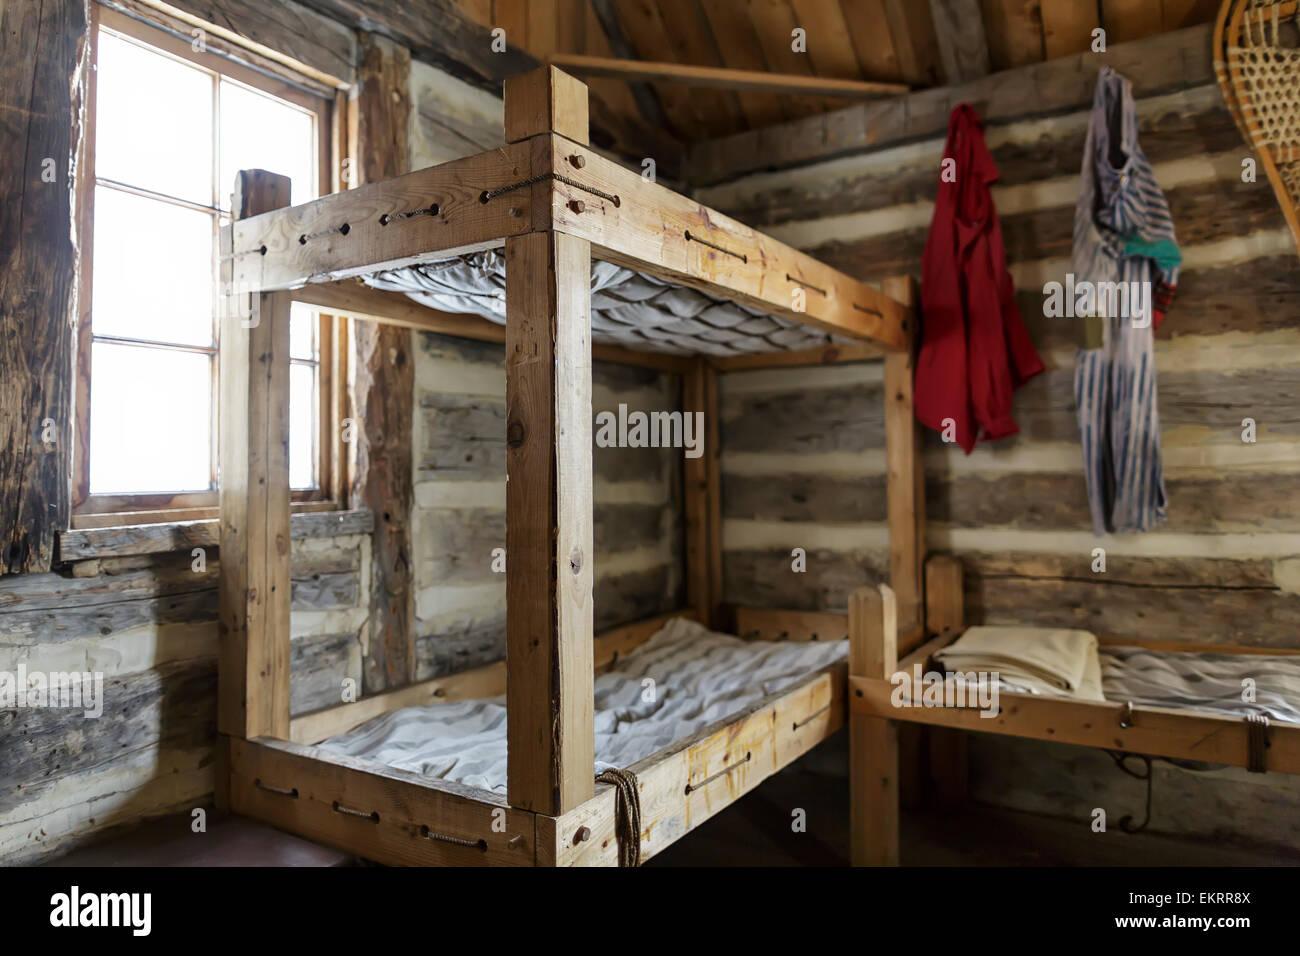 Rustic Bunk Beds And Living Quarters Of A Fur Trade Era